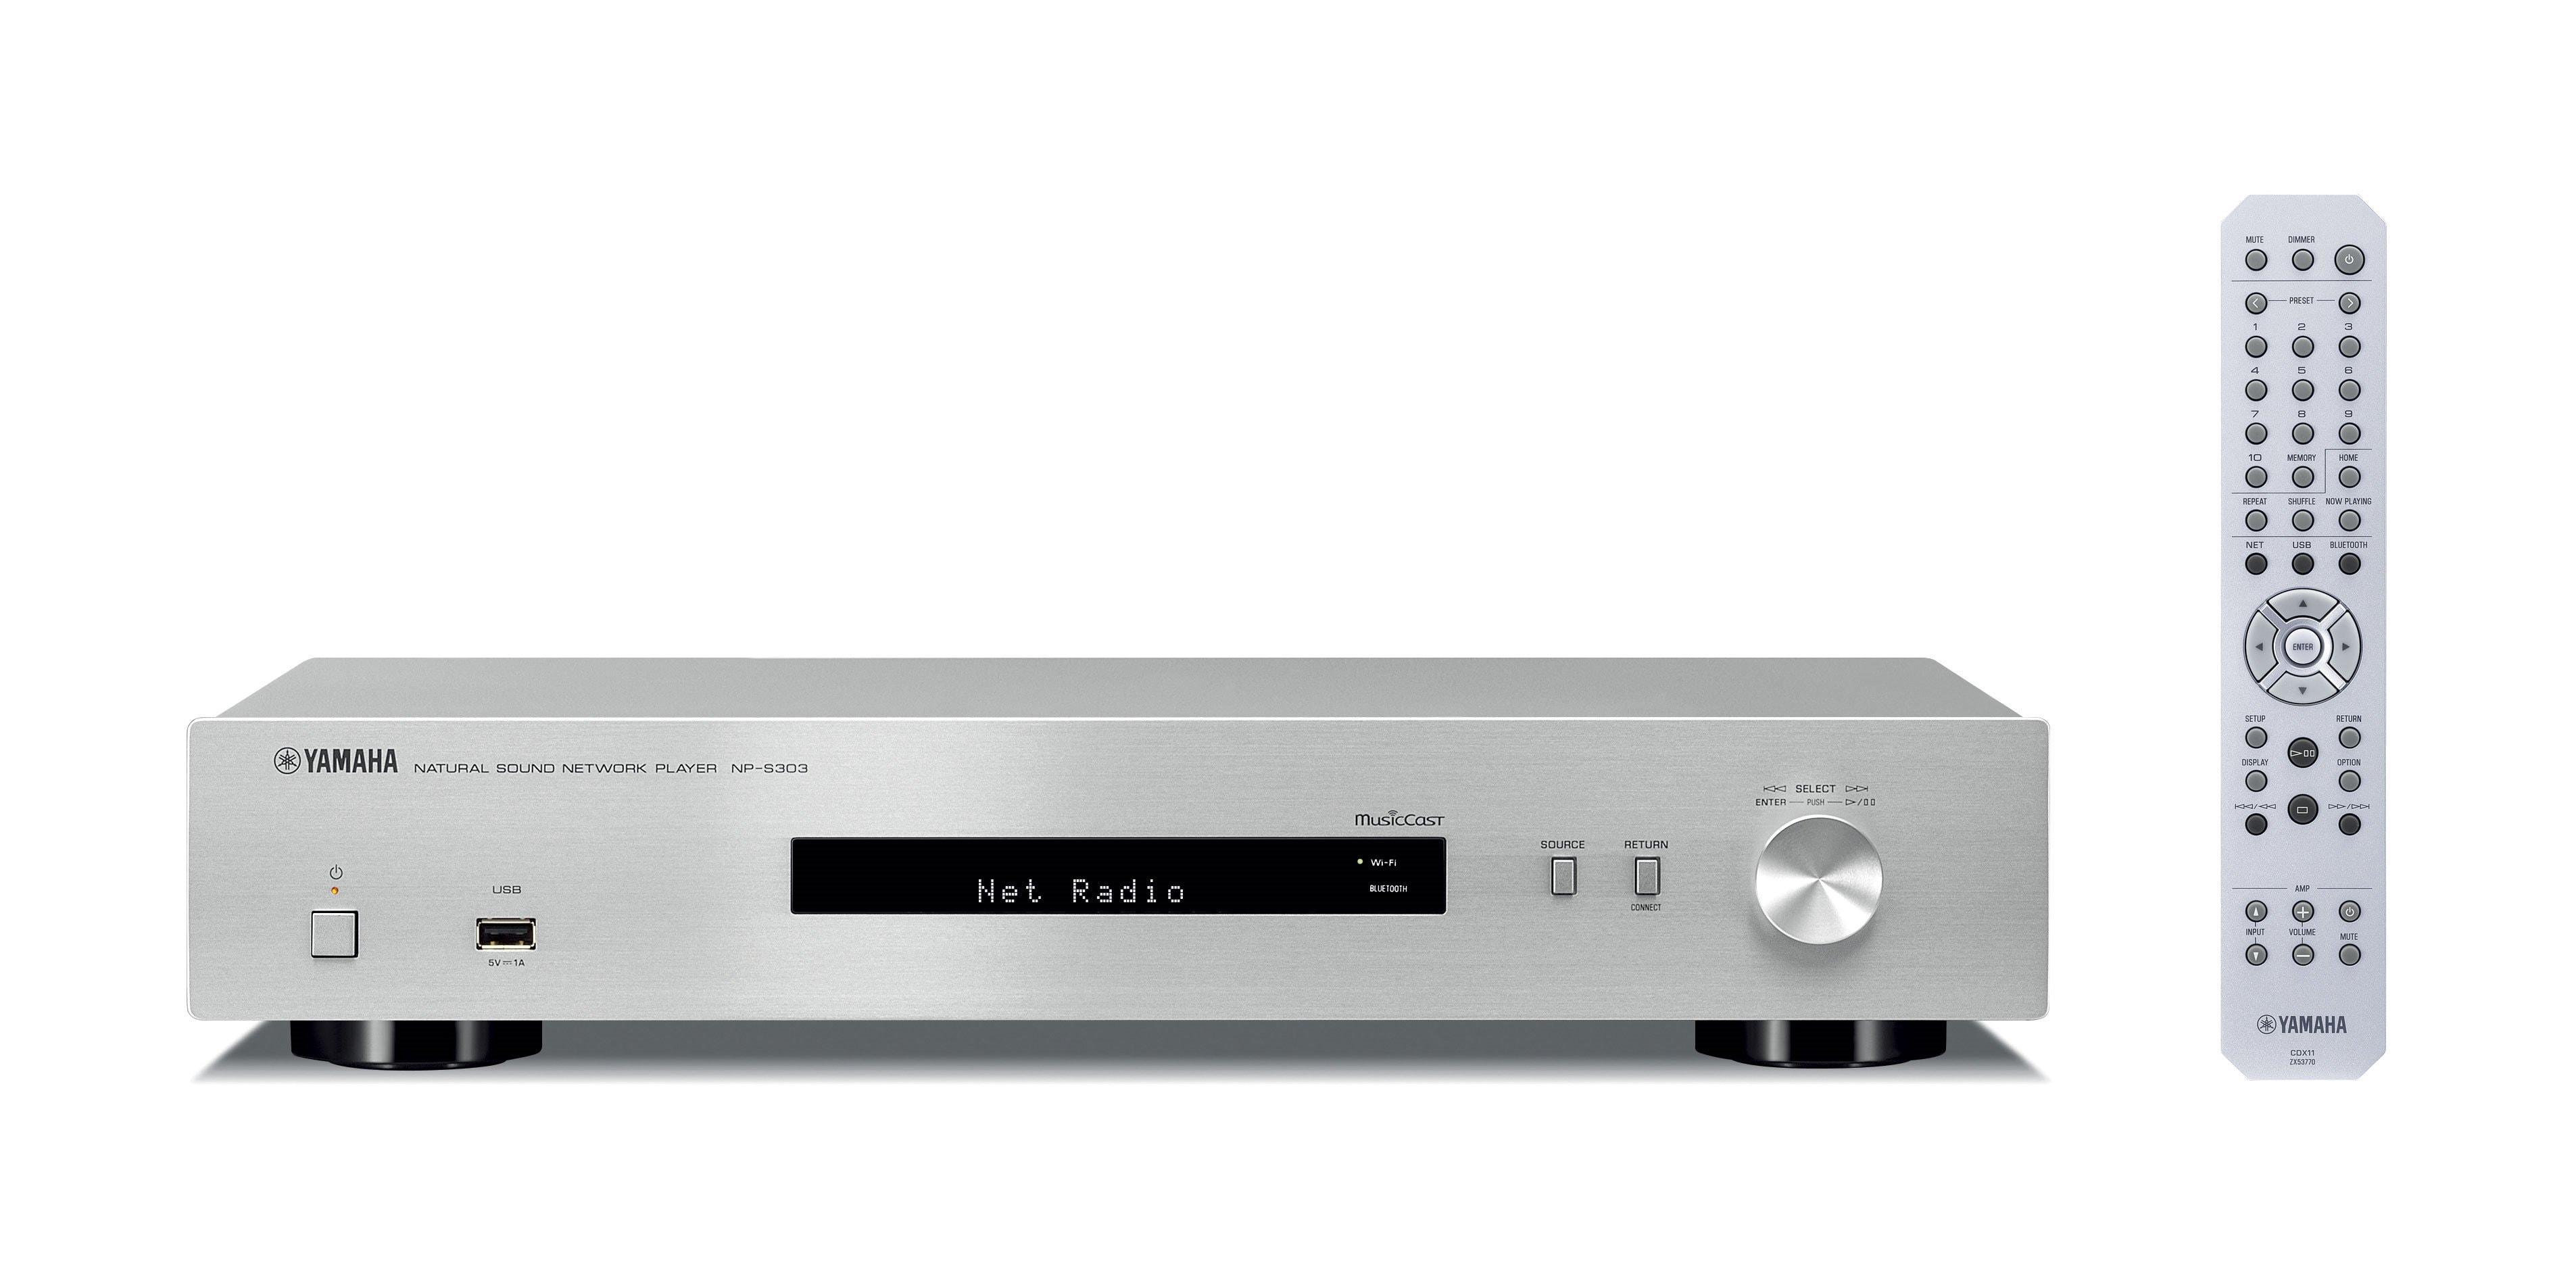 CD-S300 Yamaha